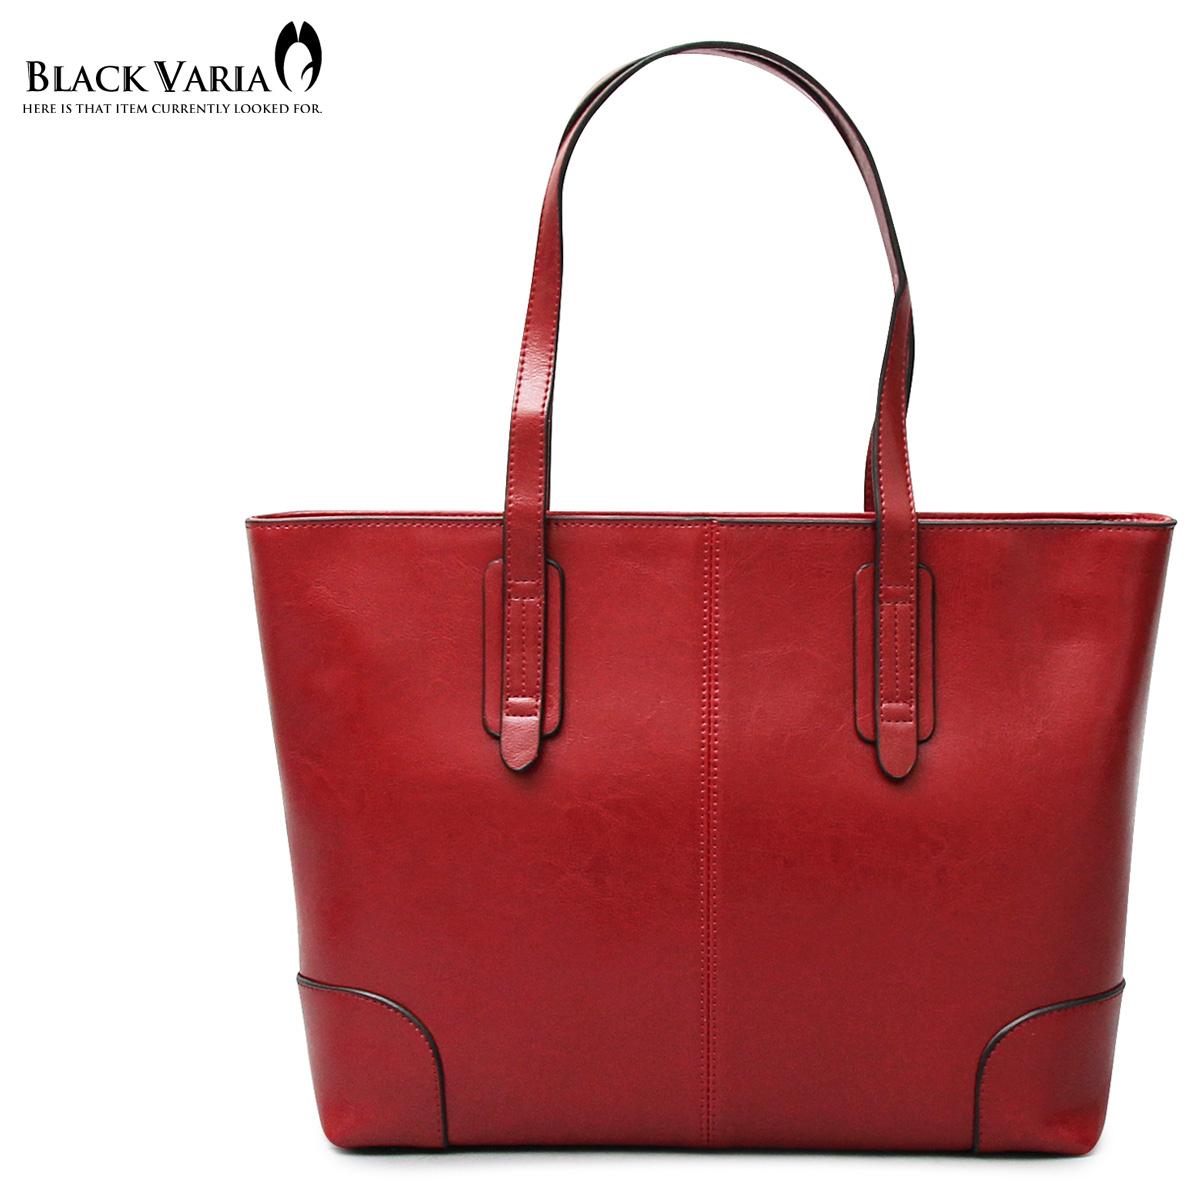 トートバッグ 牛床革 レザー スプリットレザー 鞄 バッグ 無地 メンズ(レッド赤) abg3001